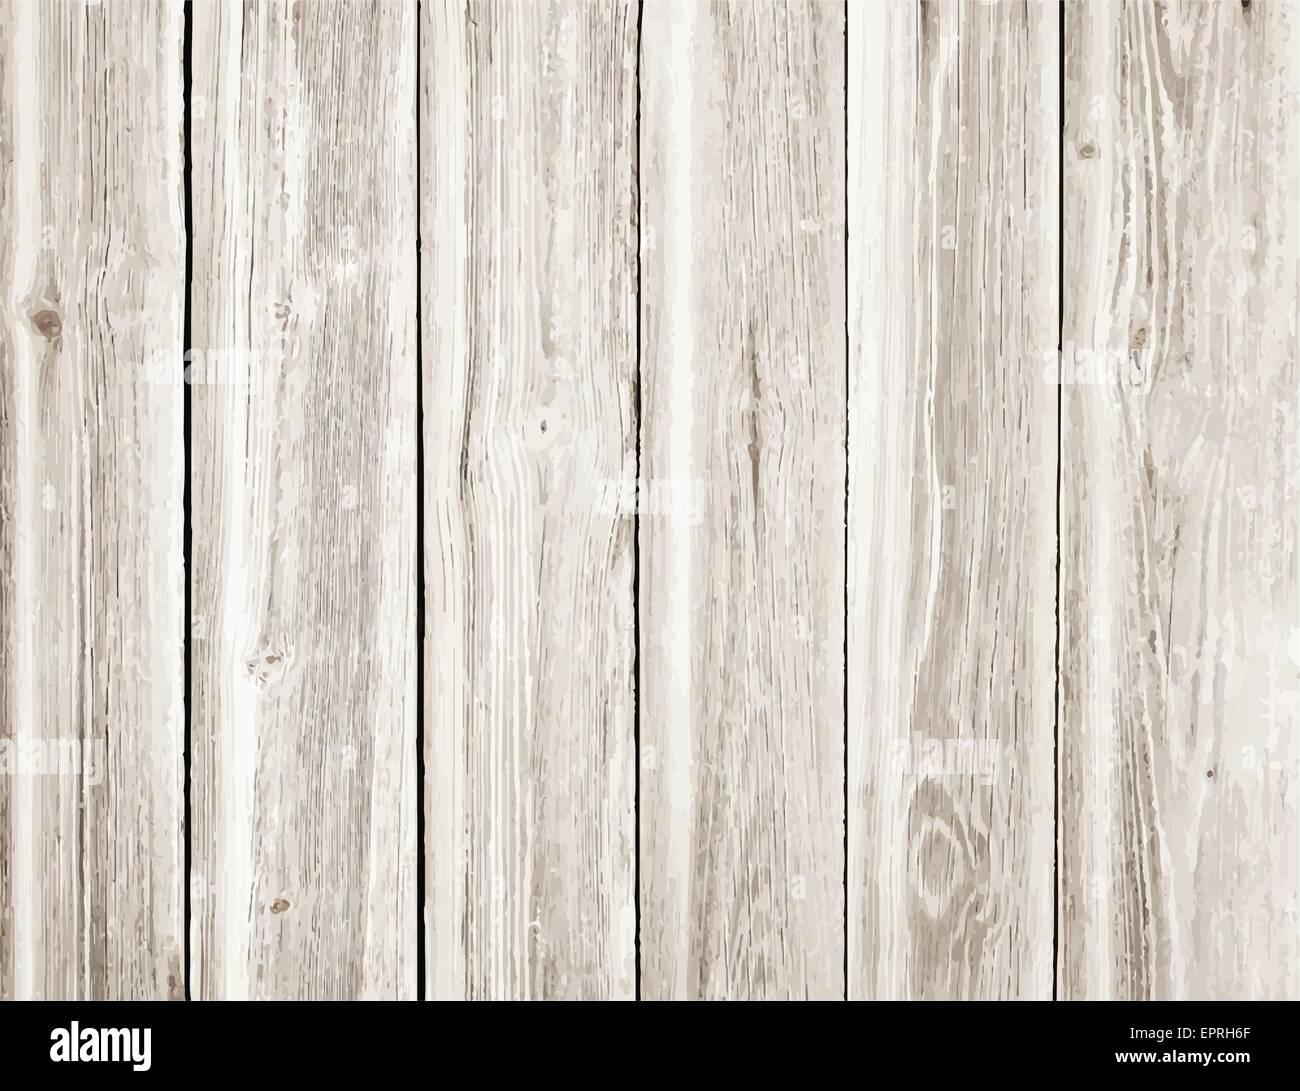 Weisse Holzwand Tisch Boden Leichte Holzstruktur Vektor Abbildung